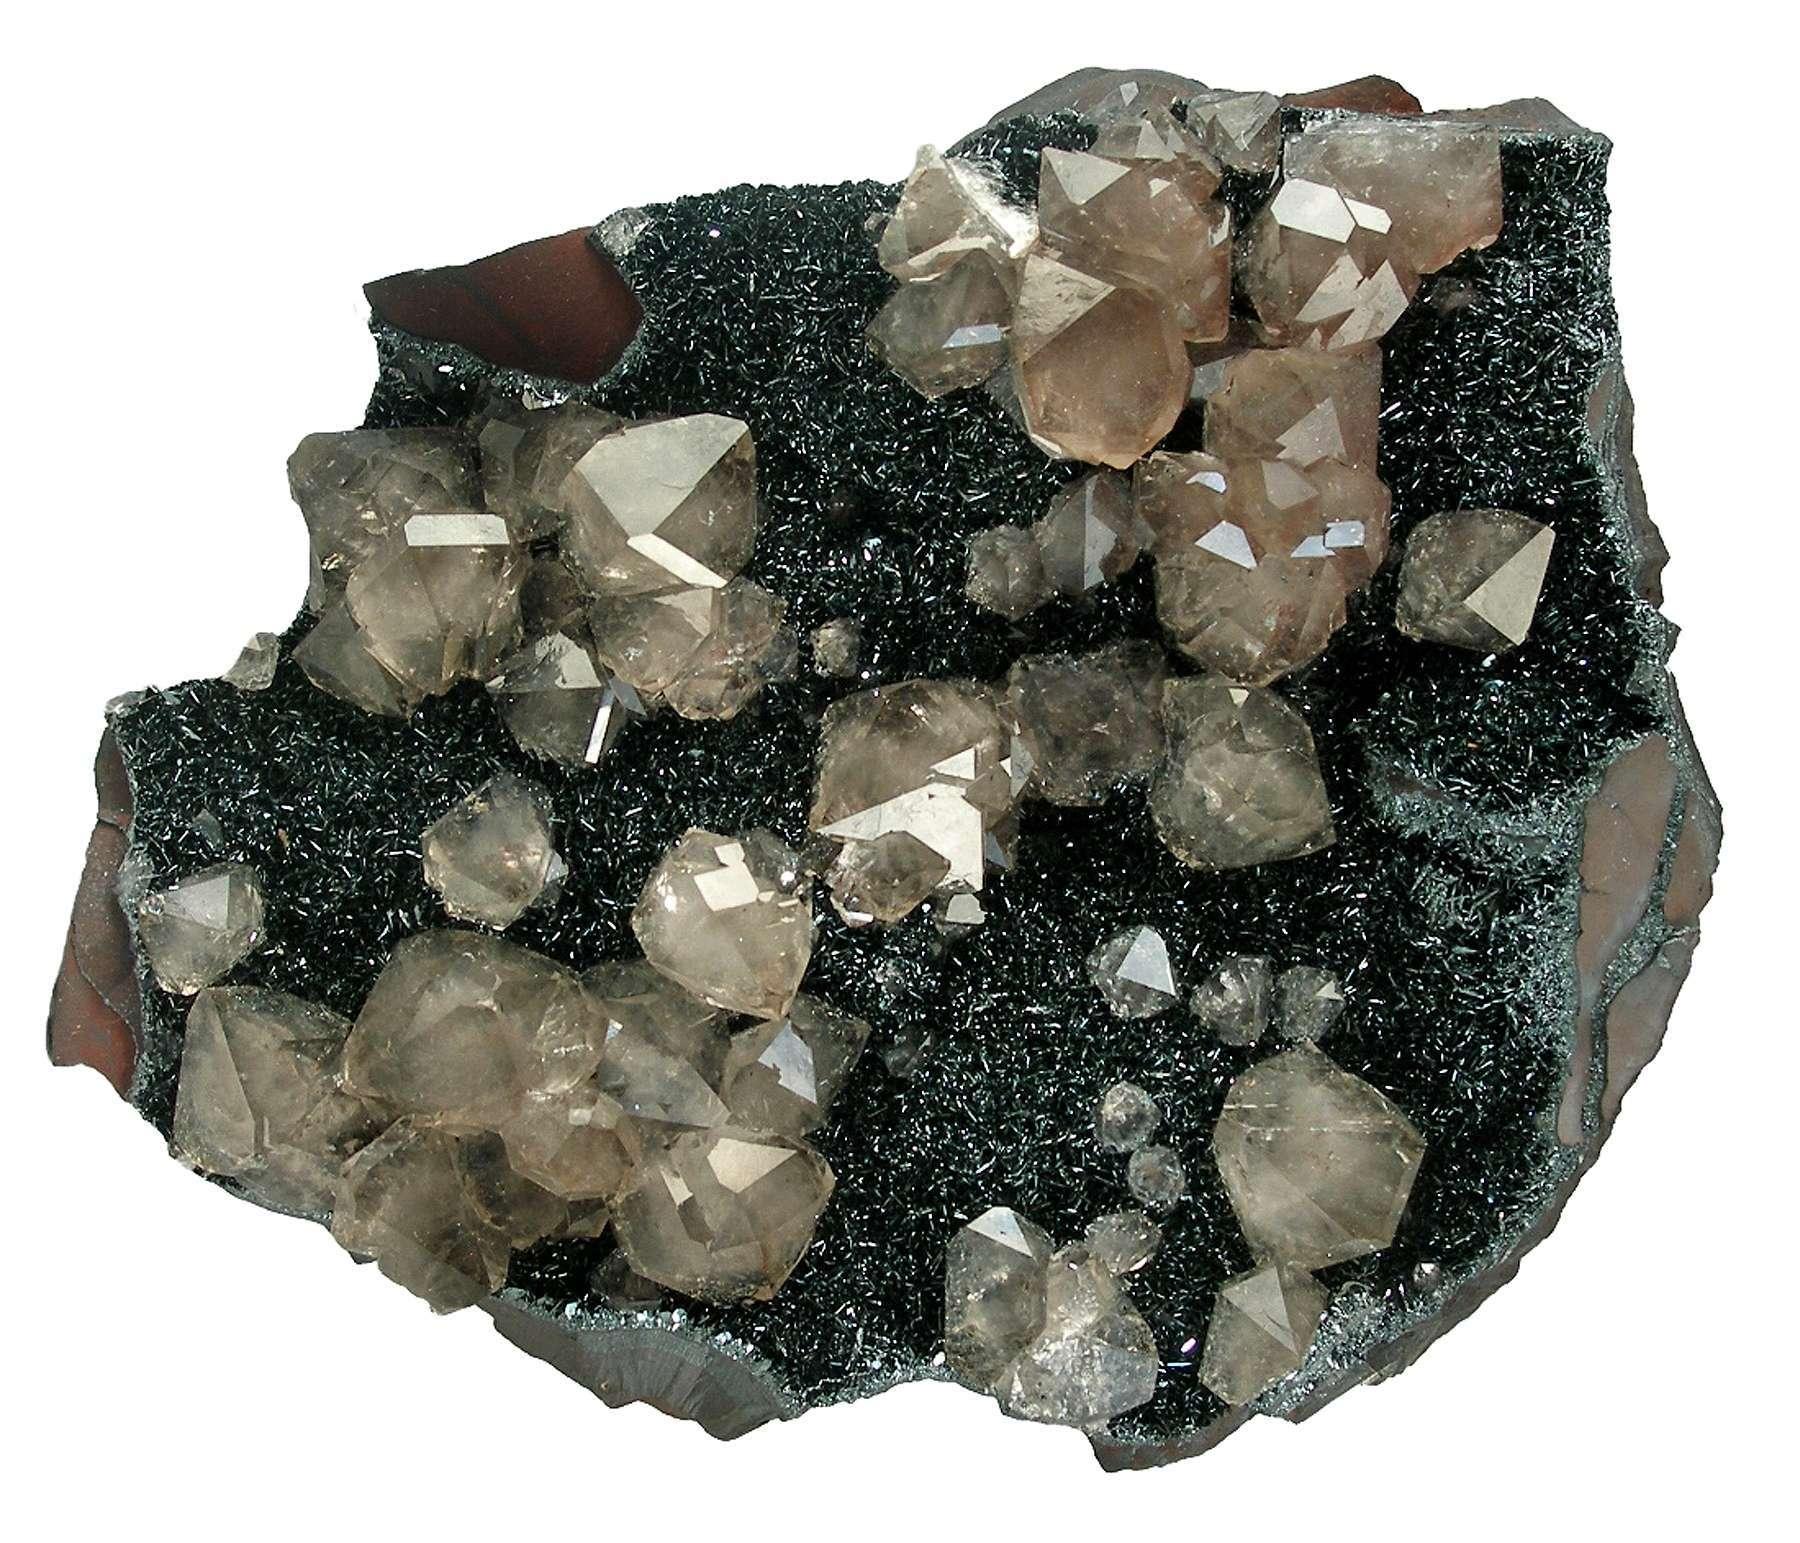 This classic hematite quartz combo specimen England classic old